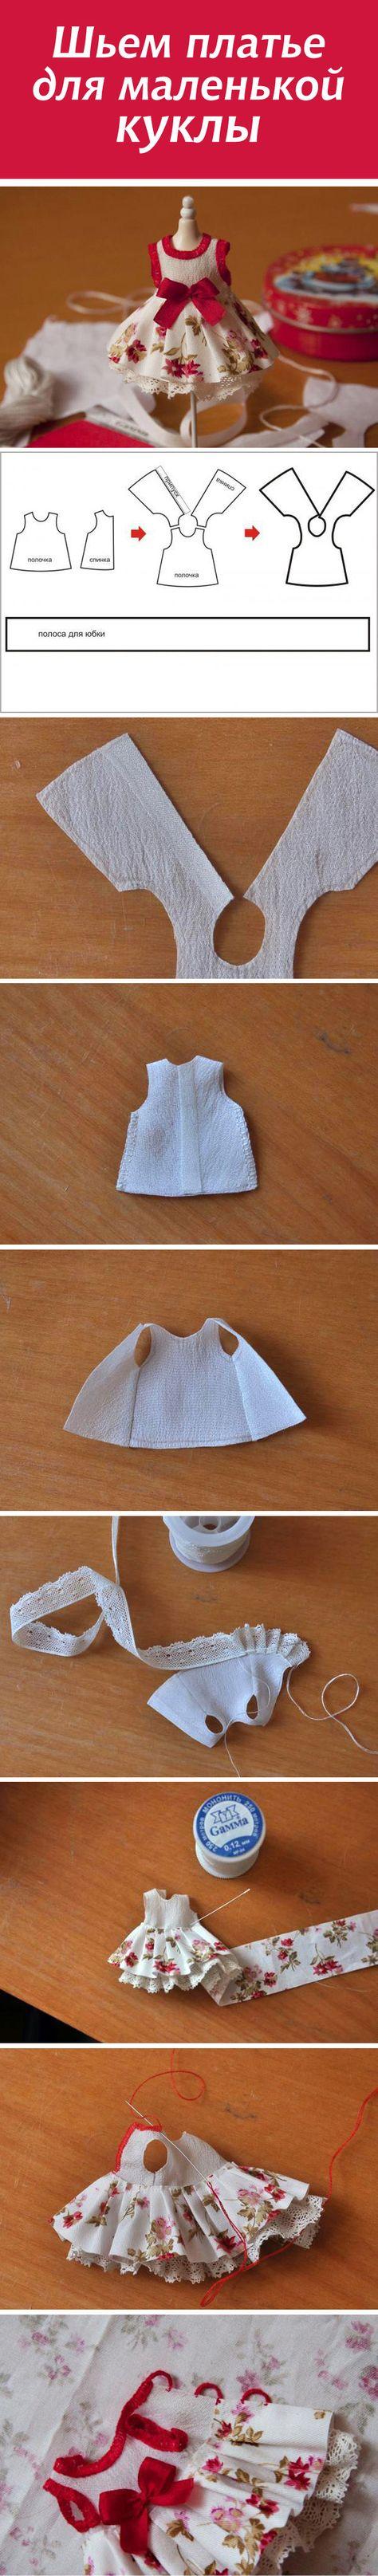 Шитьё платьев для кукол своими руками